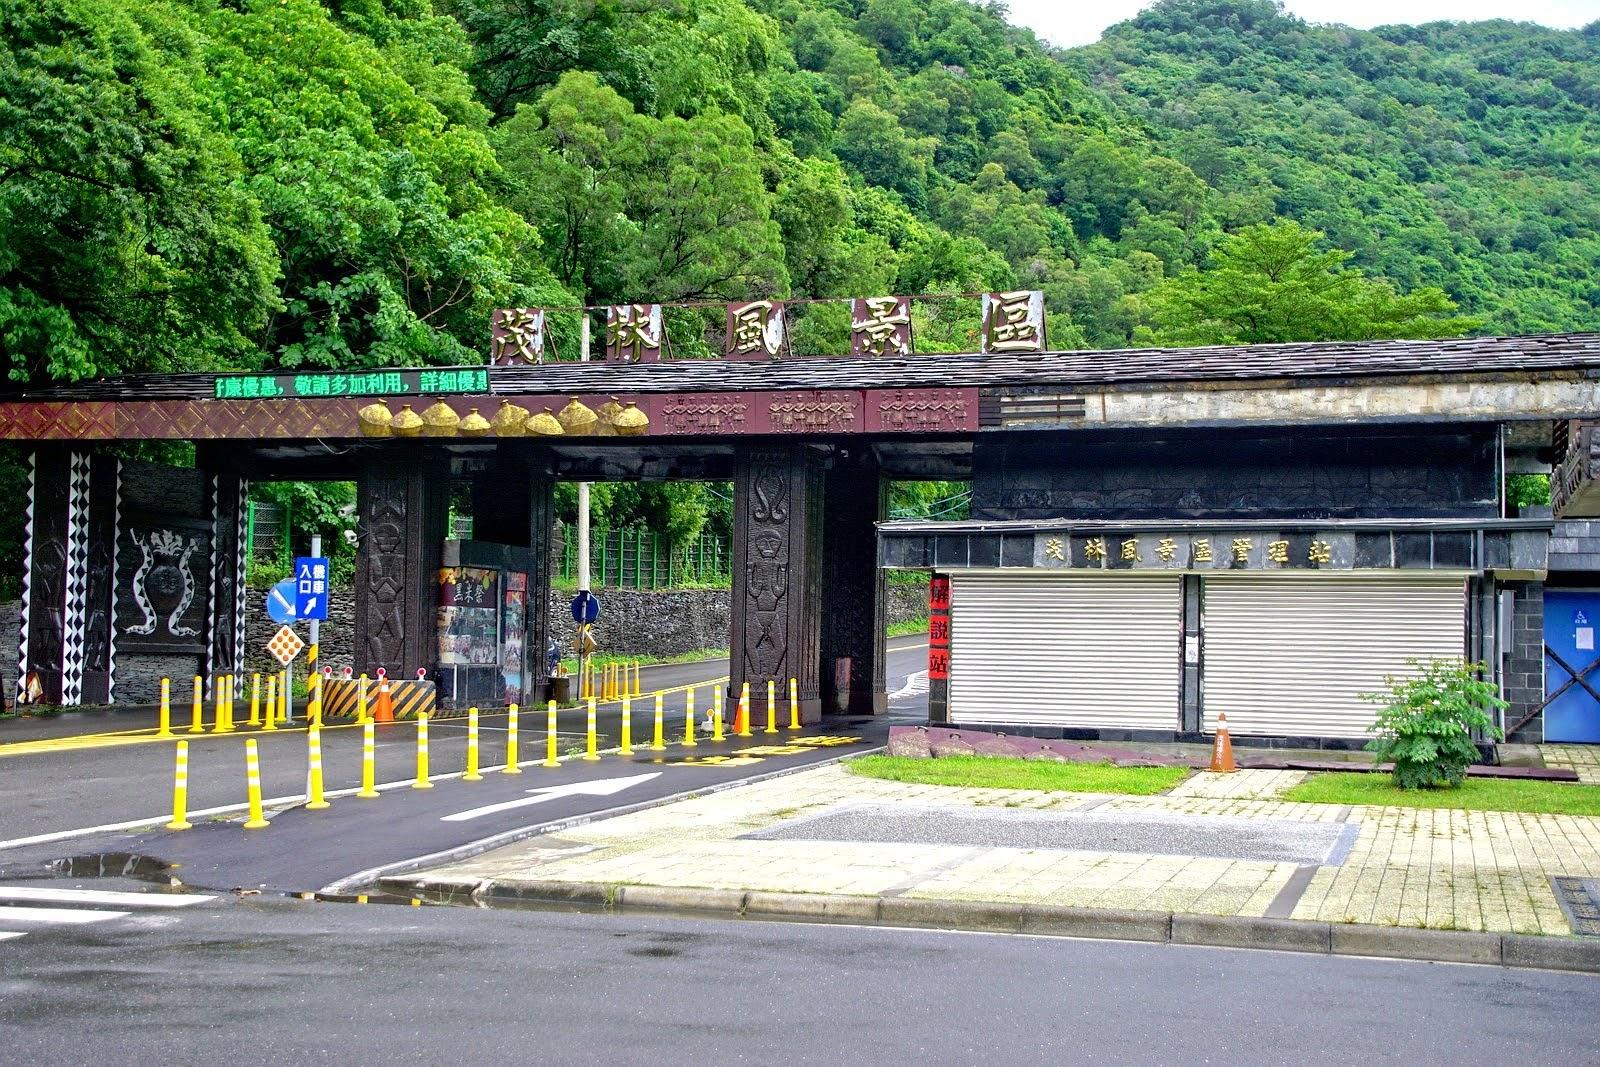 高雄|茂林風景區|布魯布沙吊橋|濁口溪|茂林市集|景點